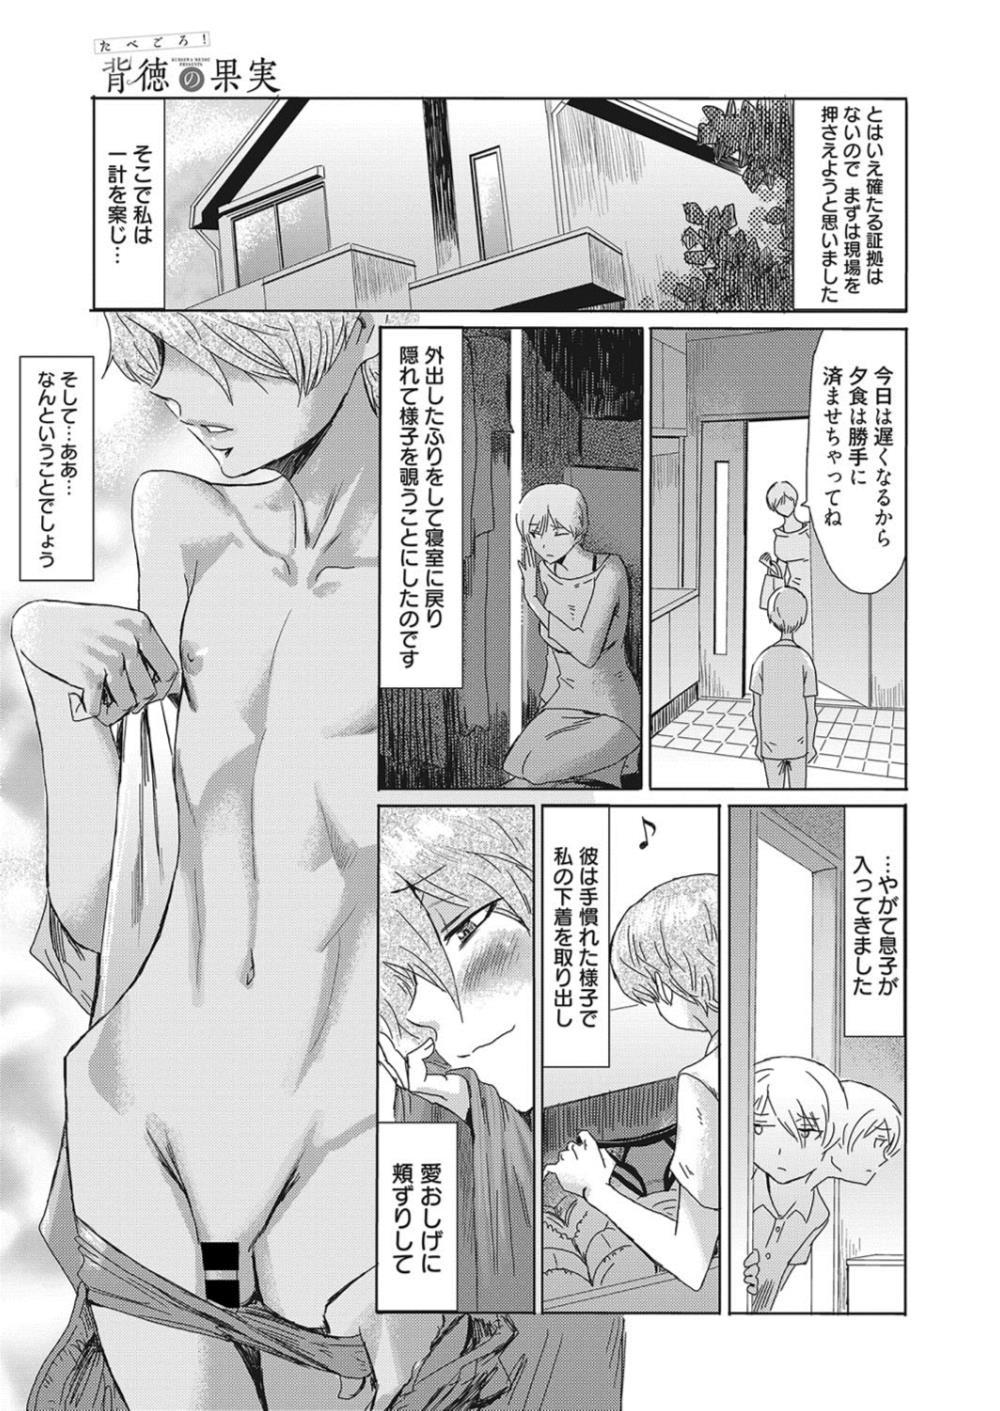 【エロ漫画】息子が女装男の娘に…欲情した母親が近親相姦しだすwww【黒岩瑪瑙:背徳の果実】